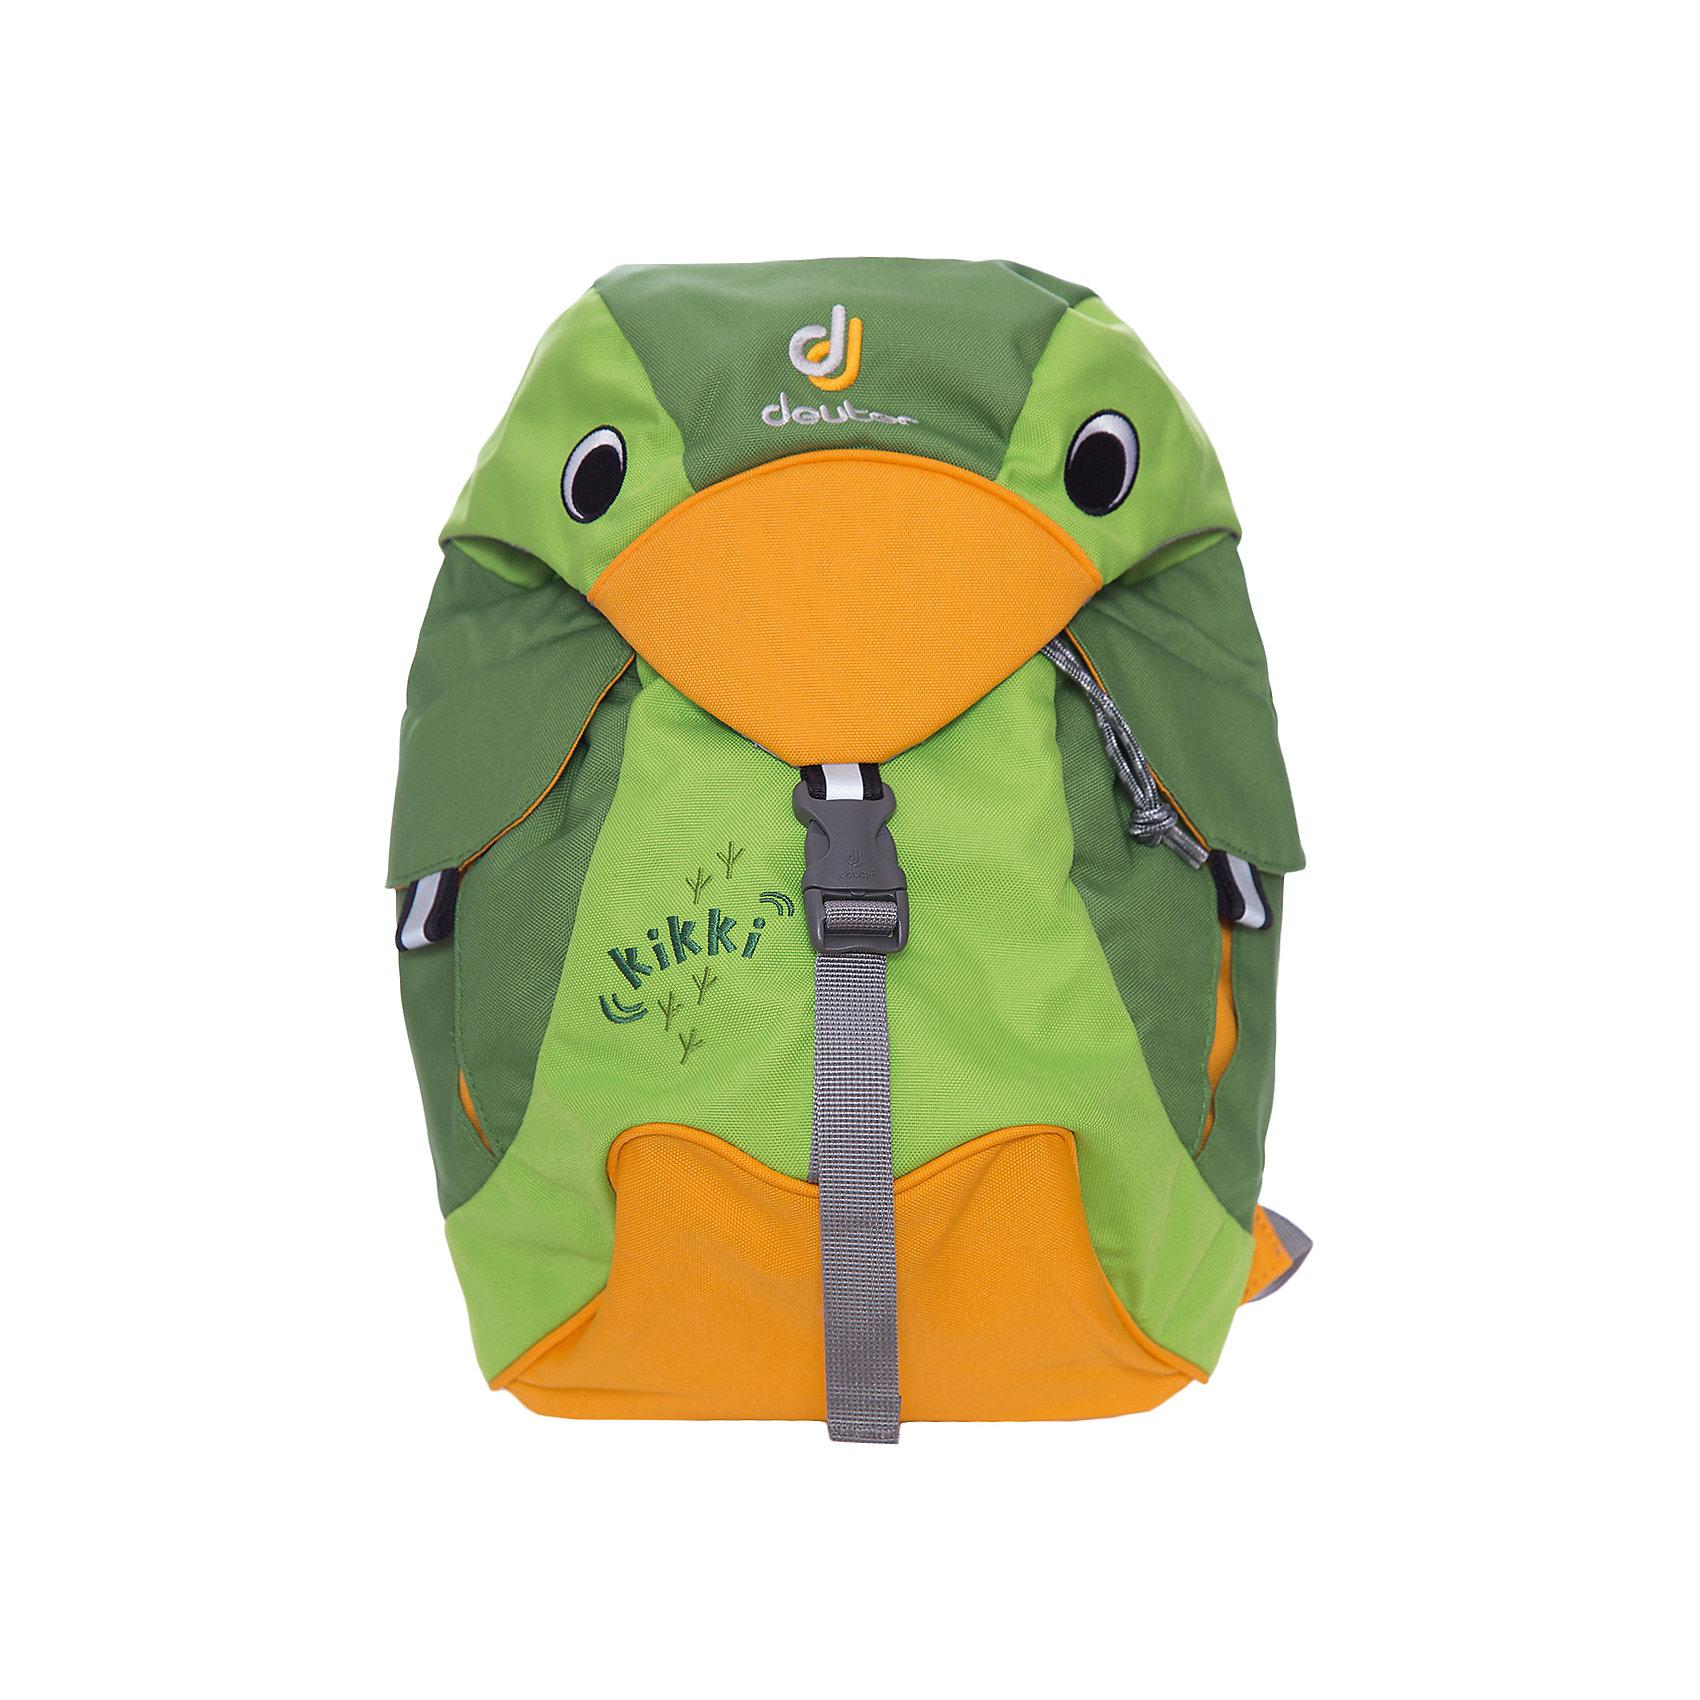 Deuter Рюкзак детский Kikki, изумрудно-зеленыйДорожные сумки и чемоданы<br>Рюкзак Kikki, изумрудно-зеленый, Deuter (Дойтер)<br><br>Характеристики:<br><br>• ортопедическая спинка<br>• есть нагрудный ремень<br>• 2 внешних кармана с застежками<br>• клапан в виде головы птицы<br>• материал: нейлон<br>• размер: 20х35х16 см<br>• объем: 6 л<br>• вес: 360 грамм<br>• цвет: изумрудно-зеленый<br><br>Стильный рюкзак Kikki изготовлен из качественного нейлона, обладающего высокой износостойкостью. Модель оснащена регулируемыми лямками и надежным нагрудным ремнем. Лямки очень широкие и мягкие, что обеспечивает удобство при ношении. Одно вместительное отделение дополнено двумя внешними карманами на застежках. Рюкзак имеет светоотражающие элементы по бокам и спереди. Это обеспечит безопасность ребенка в темное время суток. Рюкзак отлично подойдет для прогулок и занятий!<br><br>Рюкзак Kikki, изумрудно-зеленый, Deuter (Дойтер) можно купить в нашем интернет-магазине.<br><br>Ширина мм: 160<br>Глубина мм: 200<br>Высота мм: 350<br>Вес г: 360<br>Возраст от месяцев: 24<br>Возраст до месяцев: 84<br>Пол: Унисекс<br>Возраст: Детский<br>SKU: 4782516